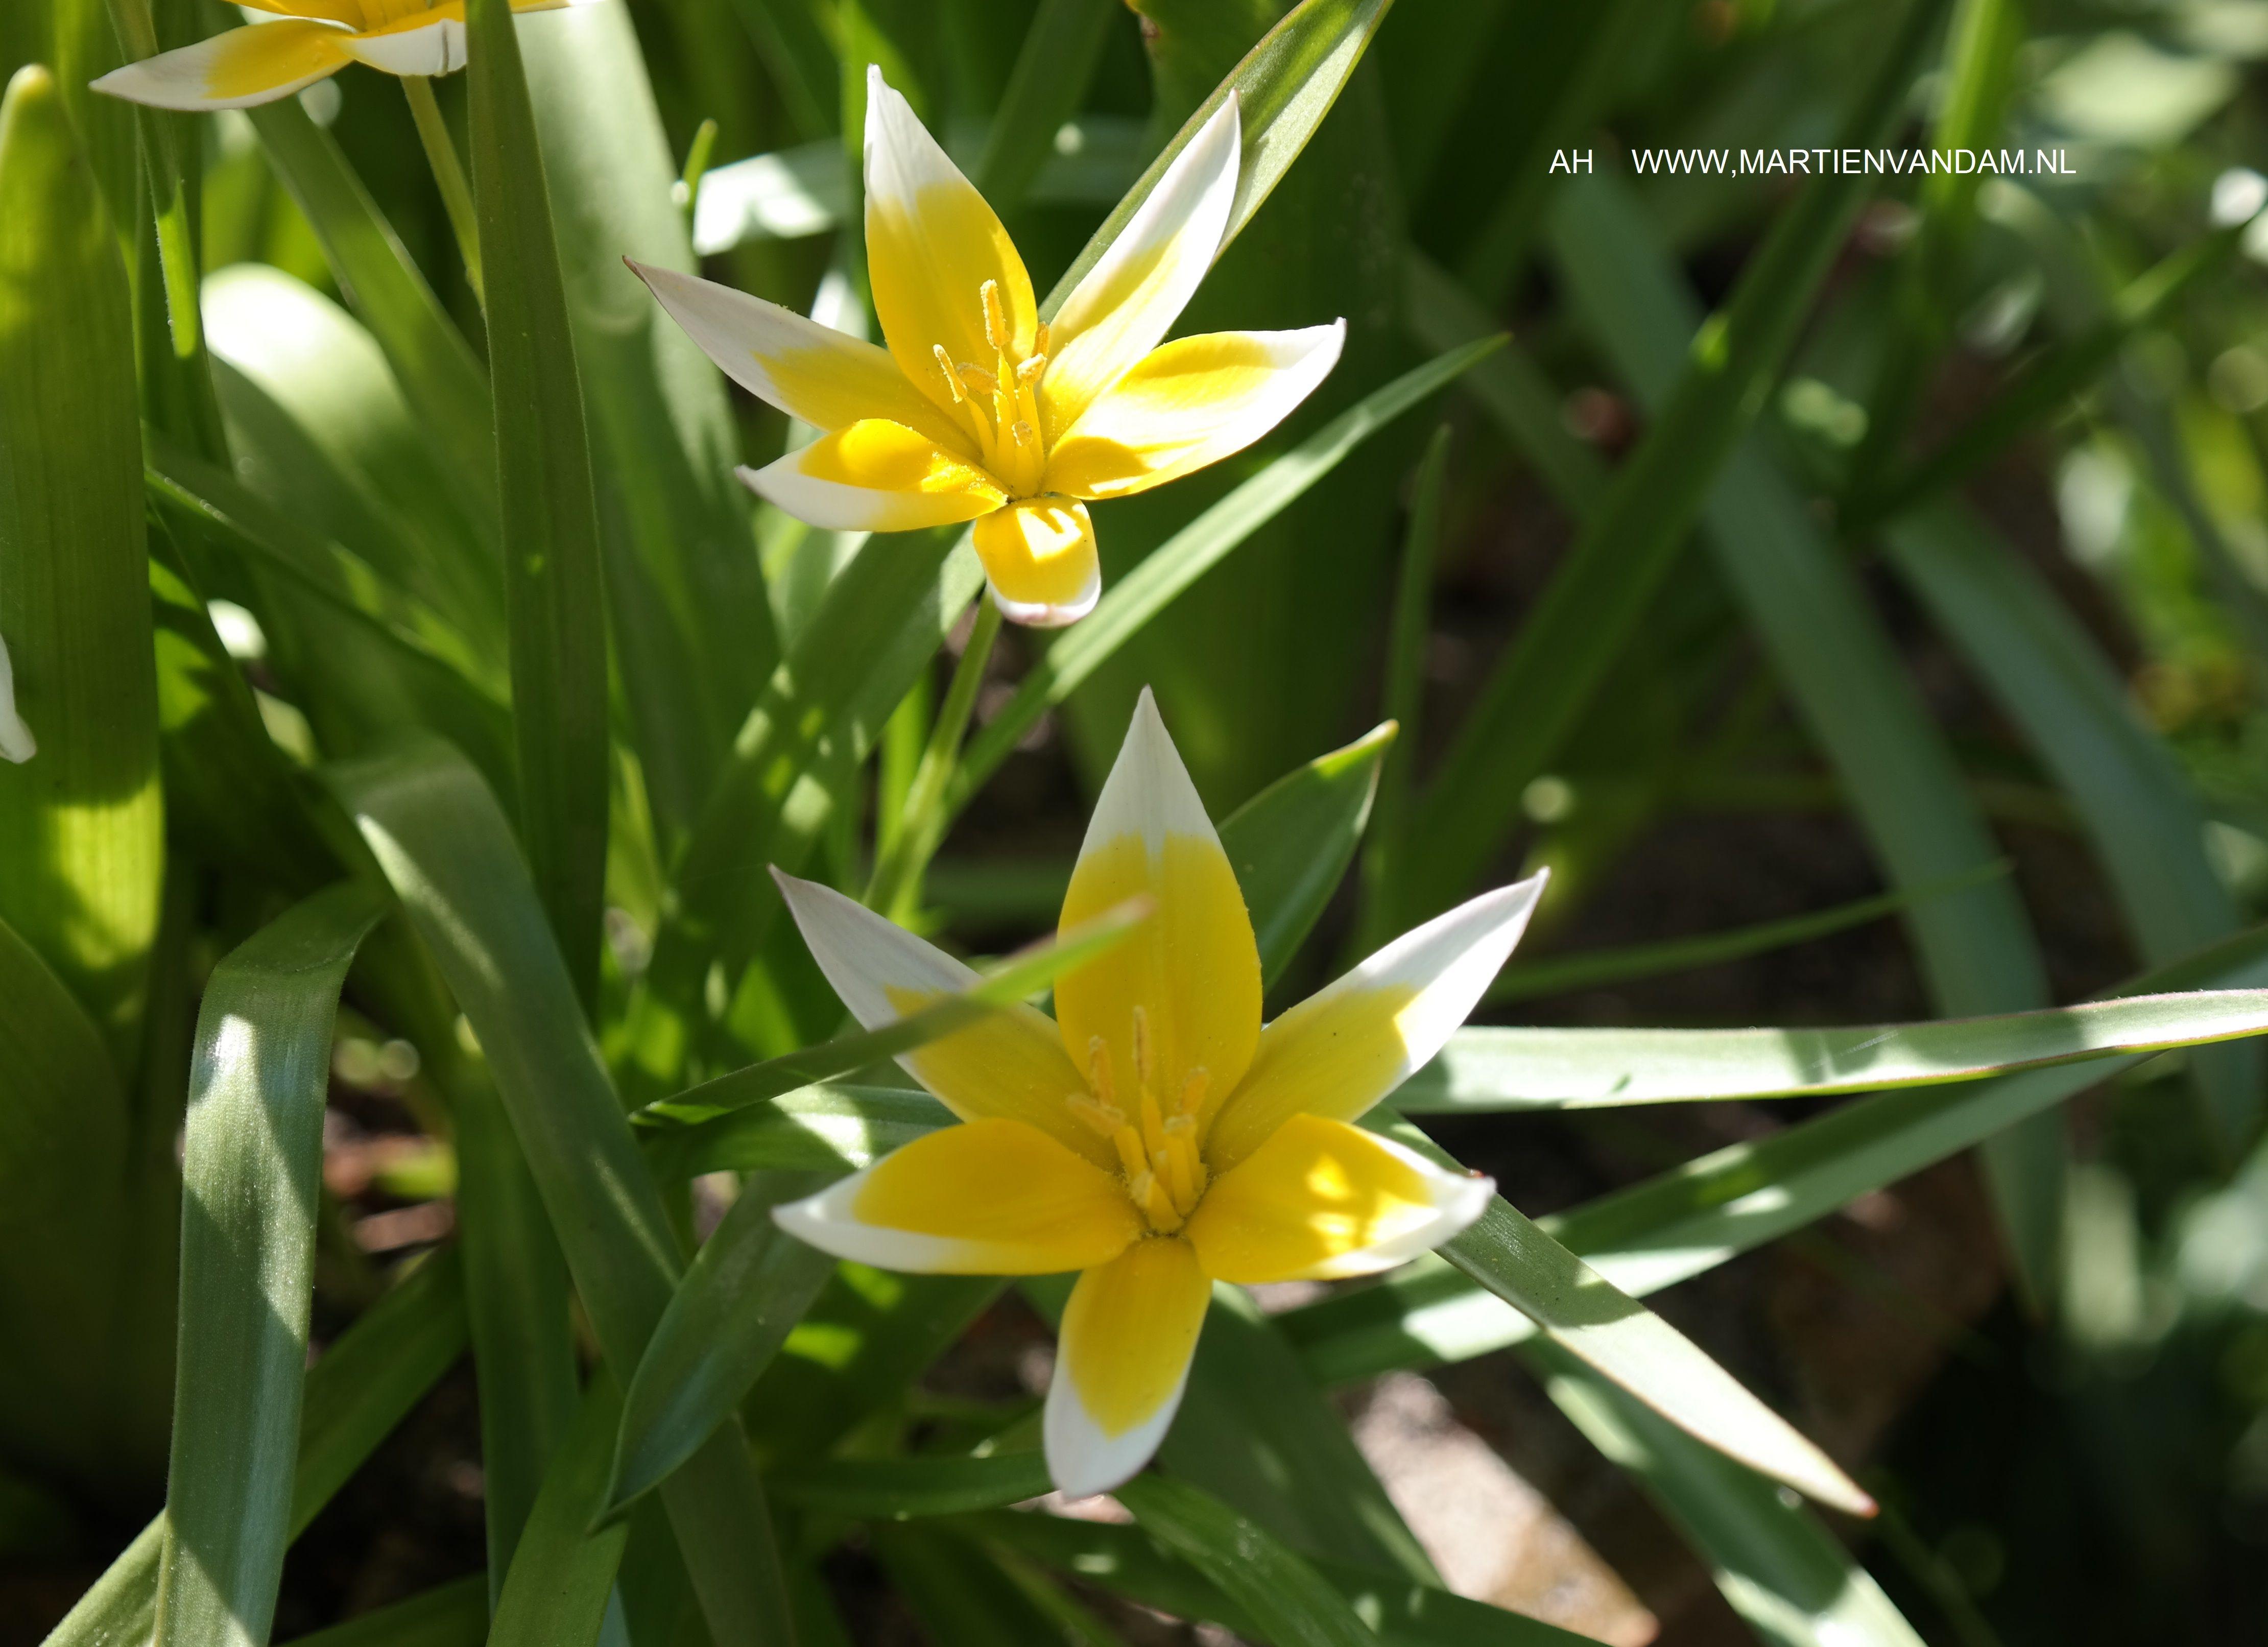 Tulipa tarda, verwilderingsbol ('gewoon' laten staan) opent zich in de zon en sluit 's avonds weer.